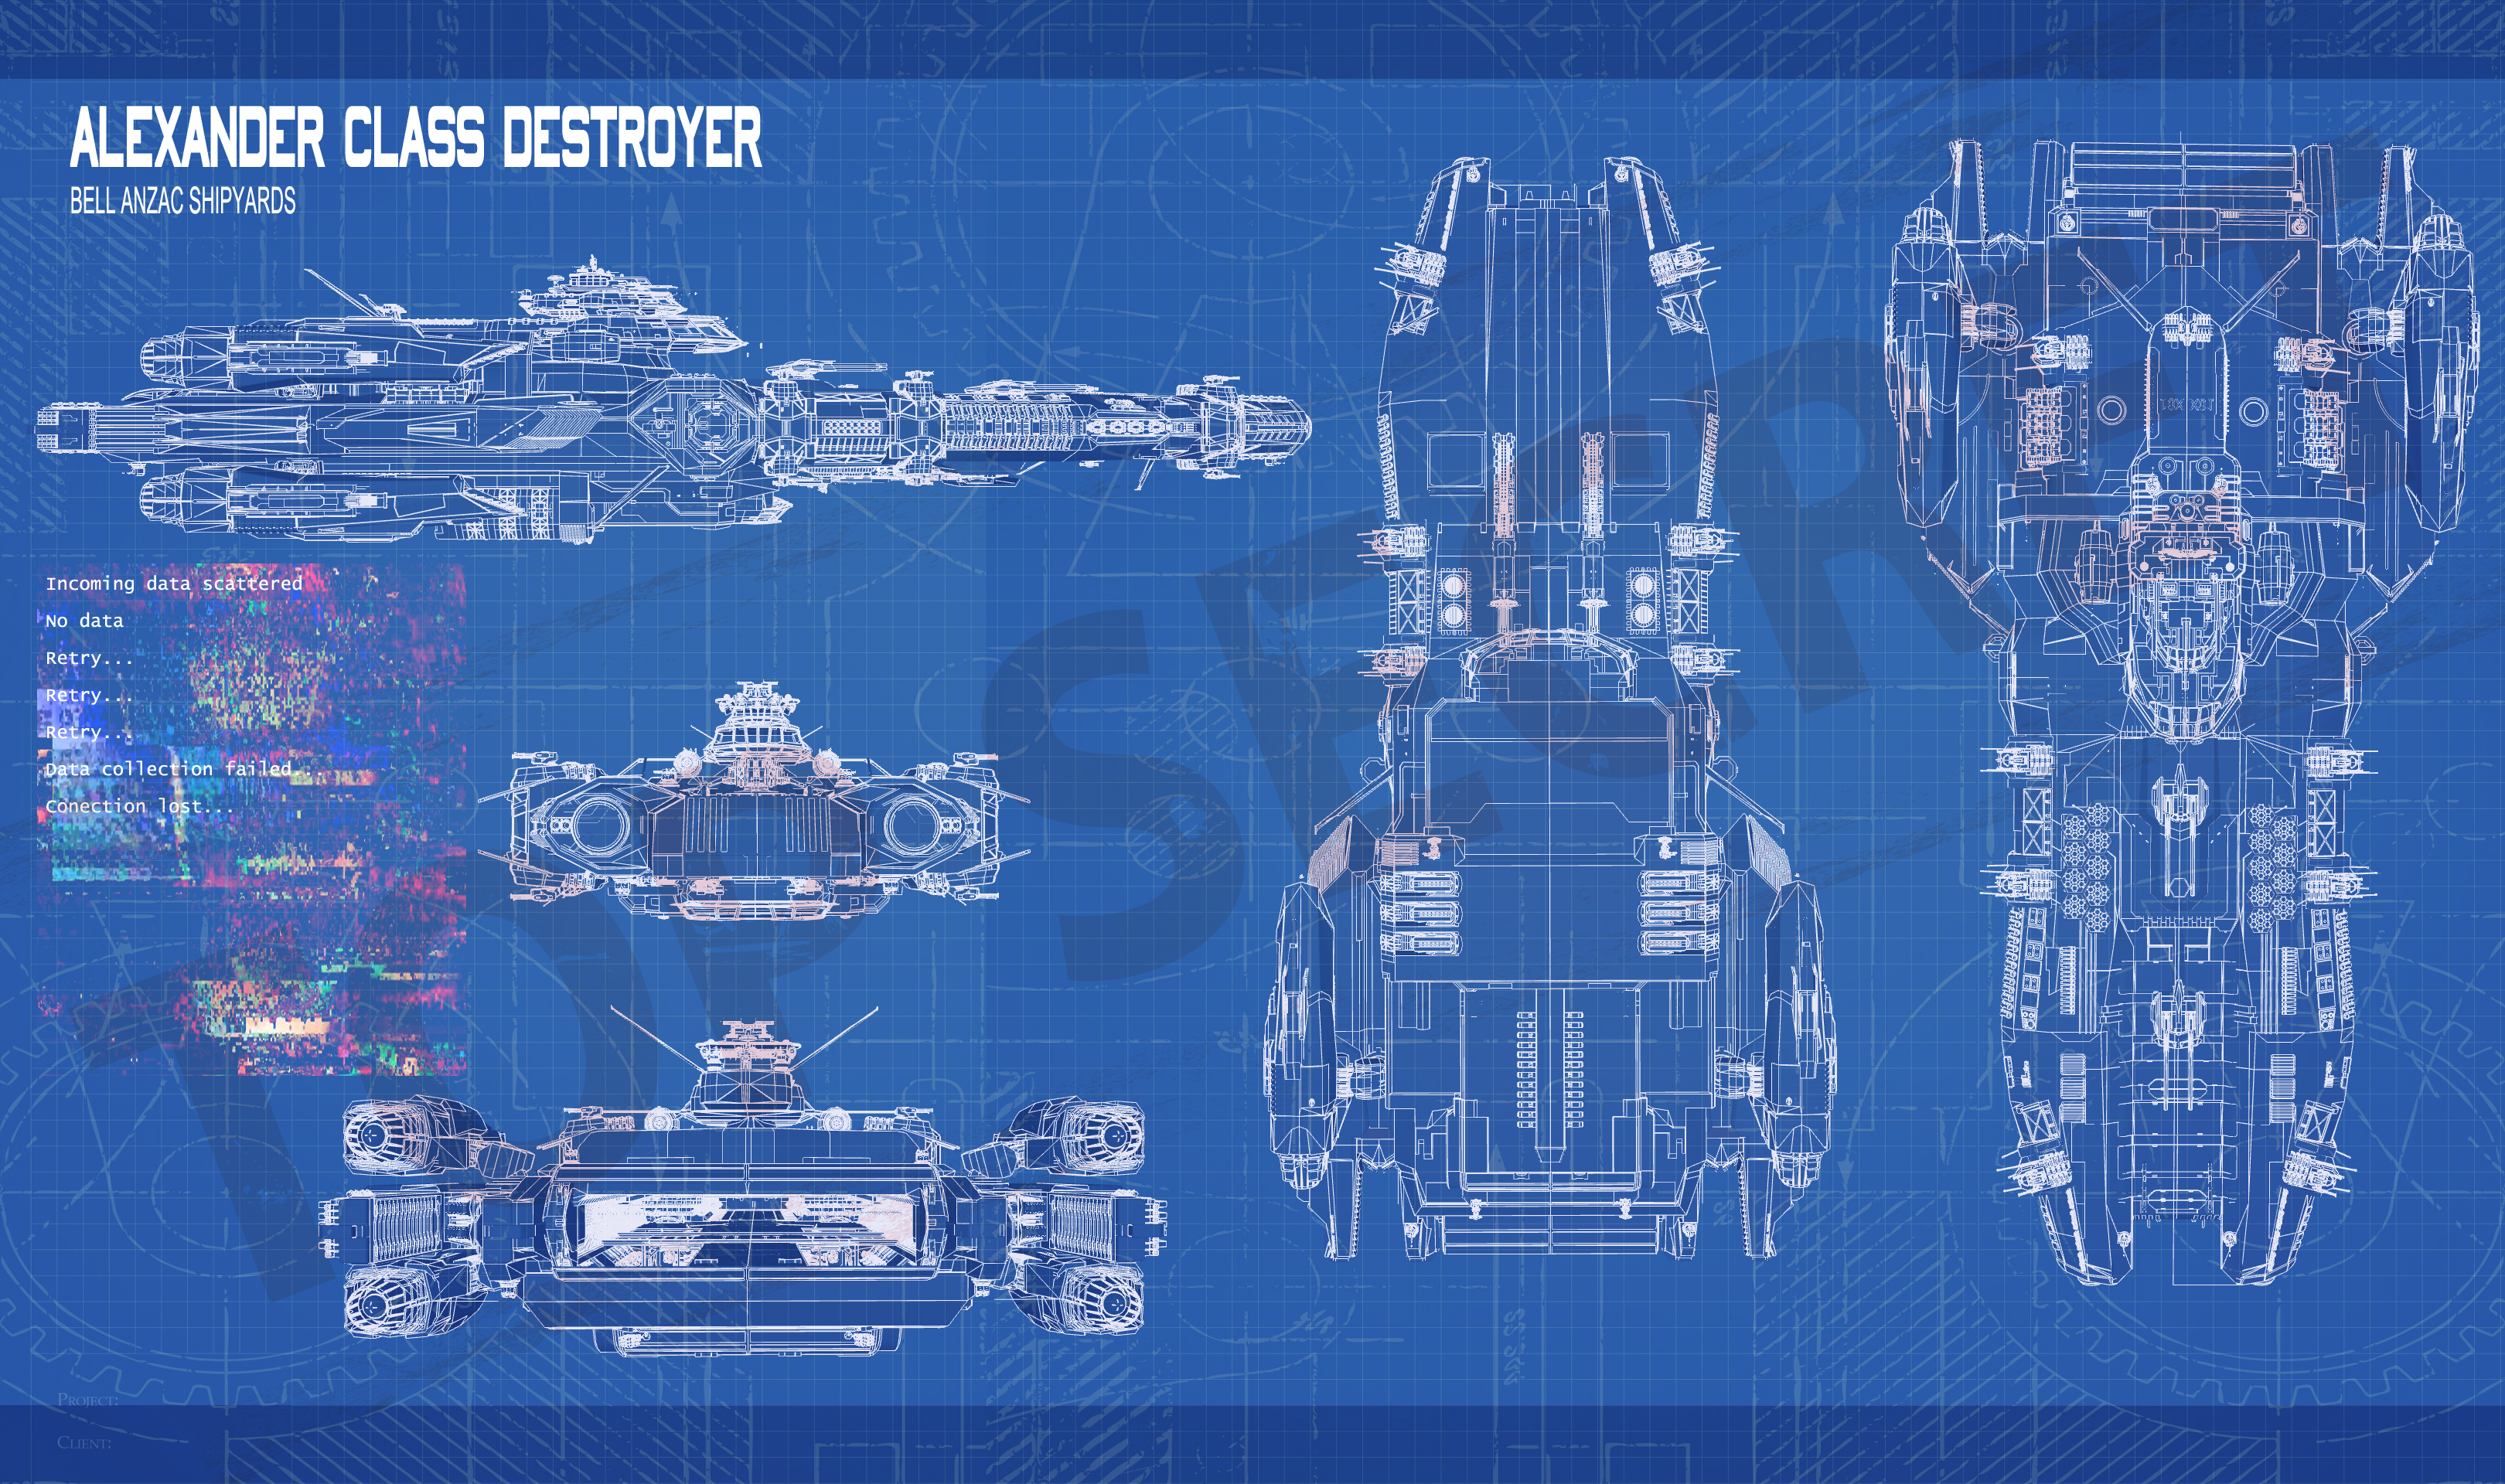 blueprint_by_santobell-d8mfgxa.jpg